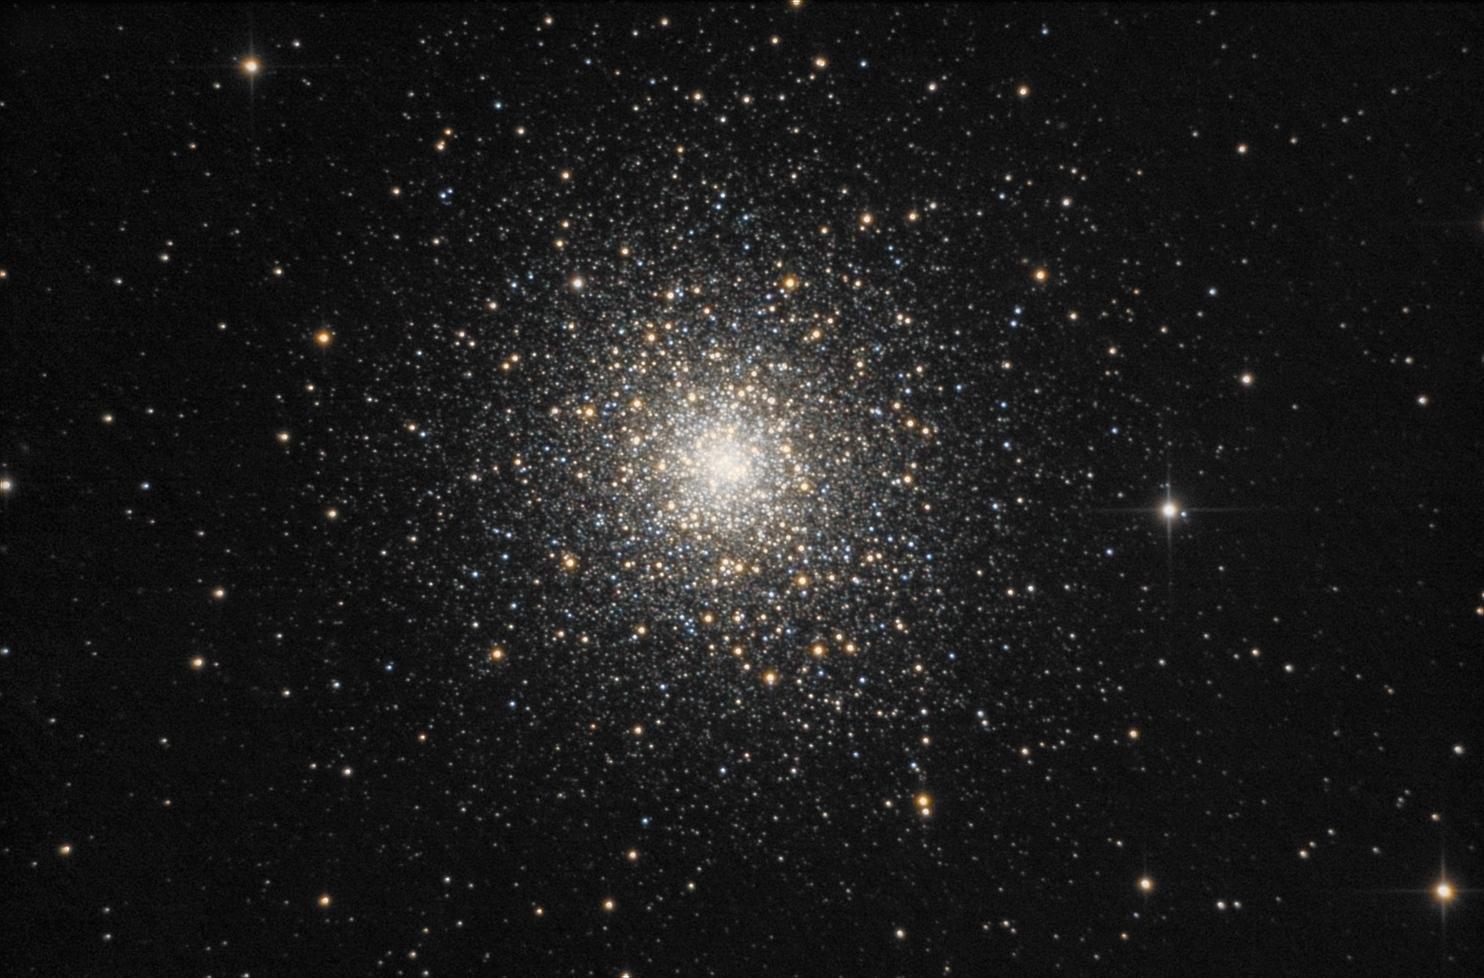 Riches soirées: M92, ngc6543, Voie lactée, Visuel assisté ... 122643-1590158468